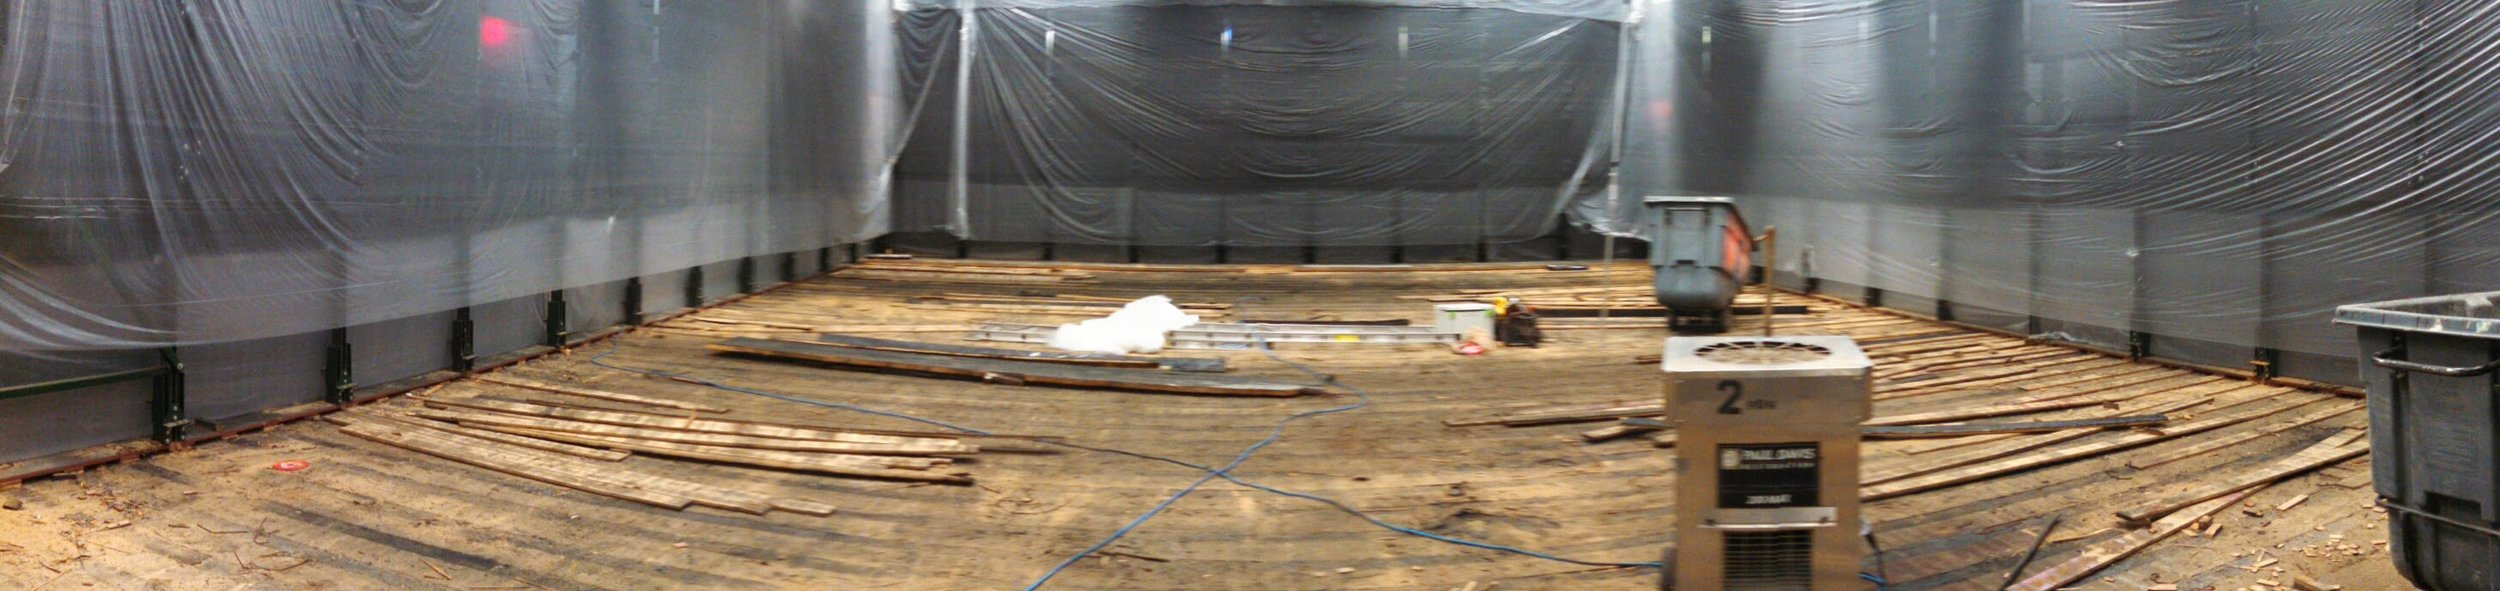 Floor demolition.